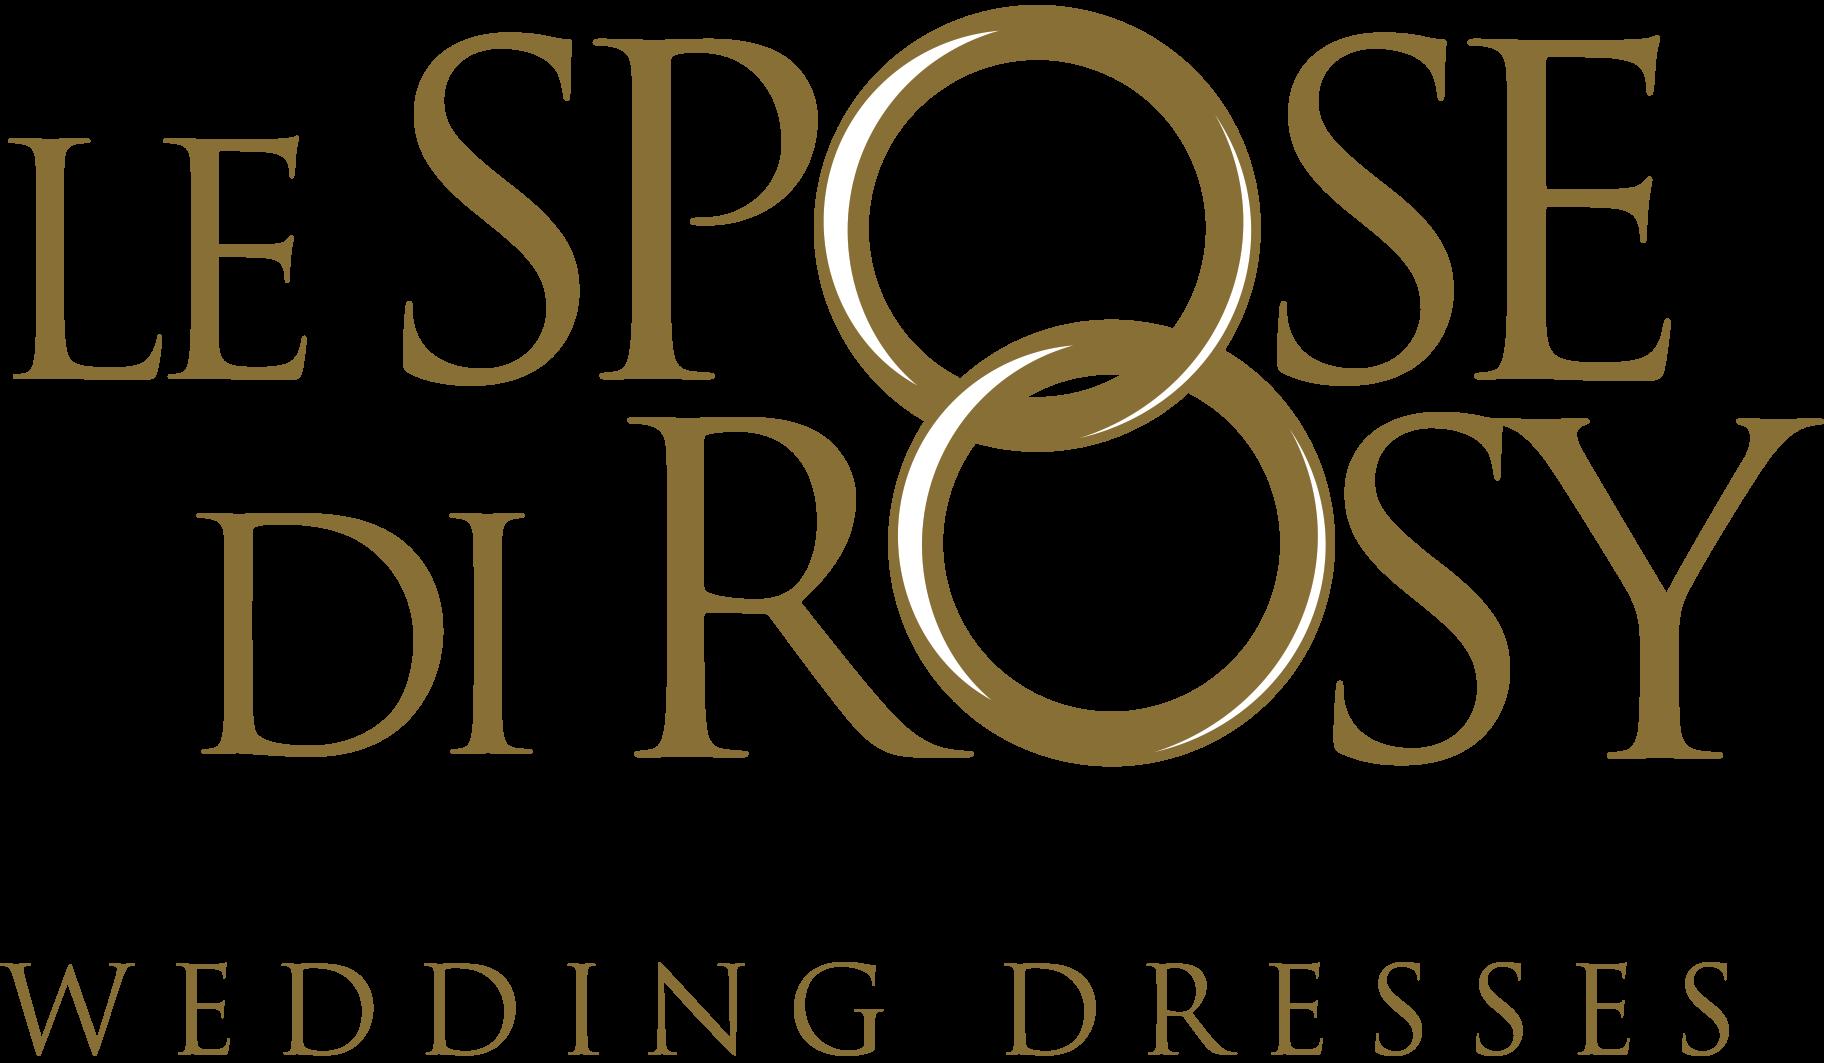 Le Spose di Rosy logo